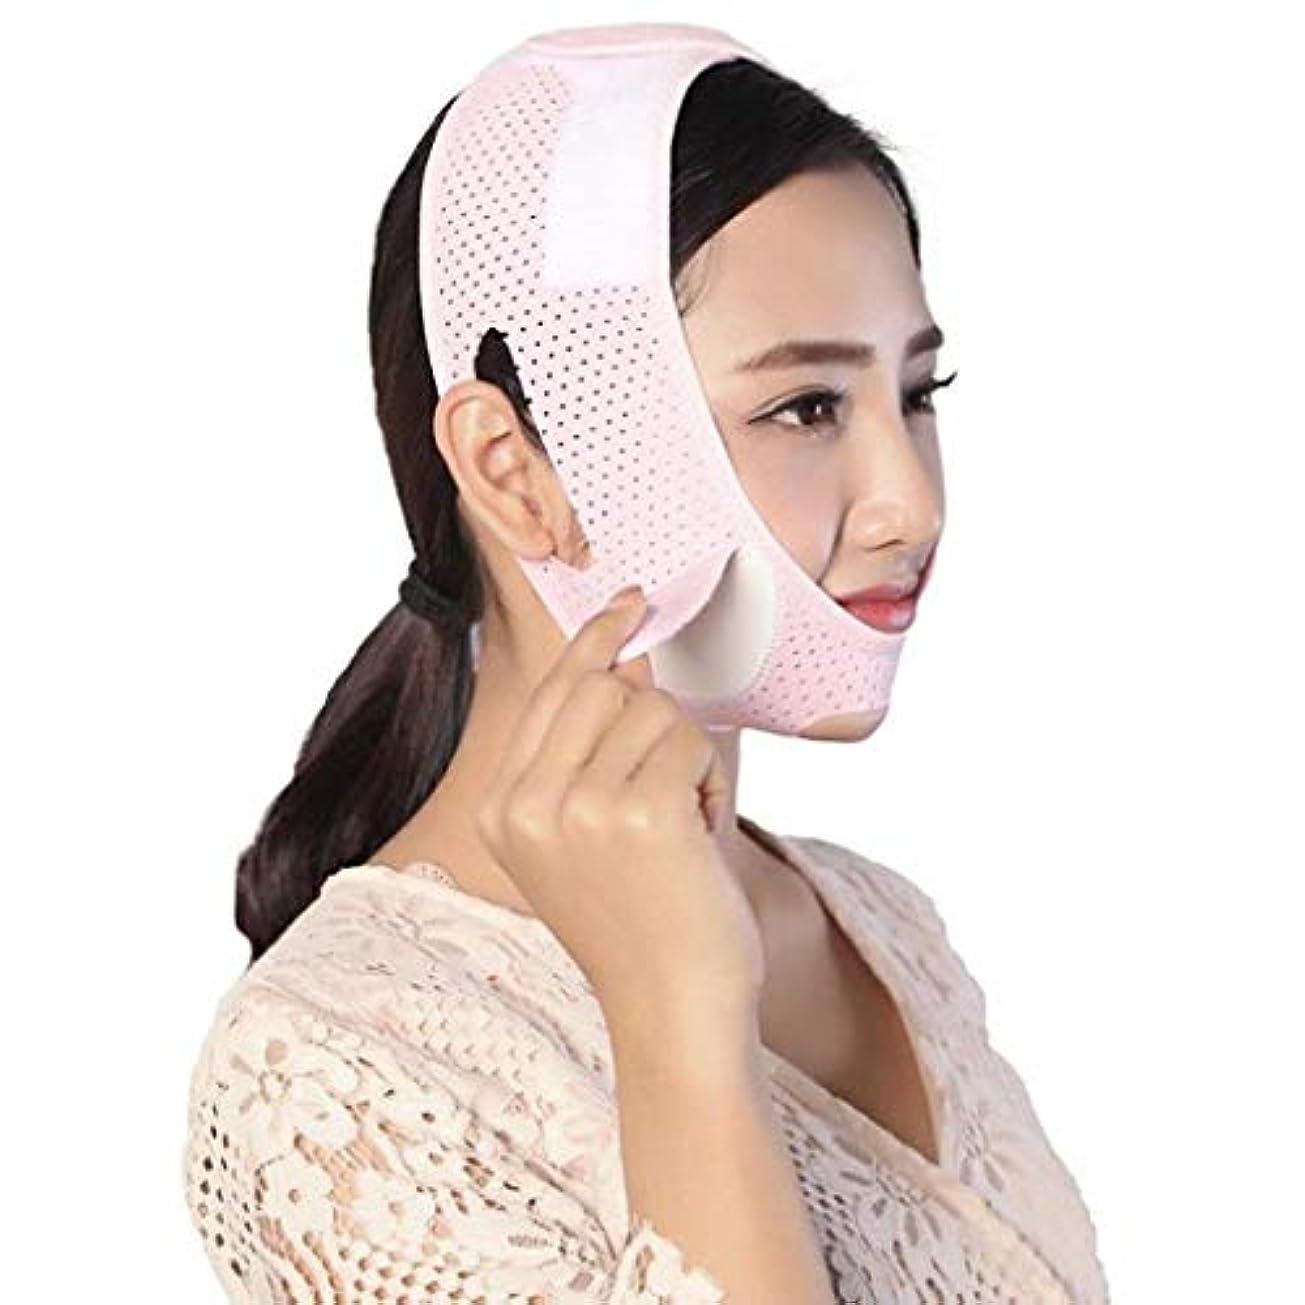 原因因子トリクルVフェイスリフティング痩身Vフェイスマスクフルカバレッジ包帯減らす顔の二重あごケア減量美容ベルト通気性